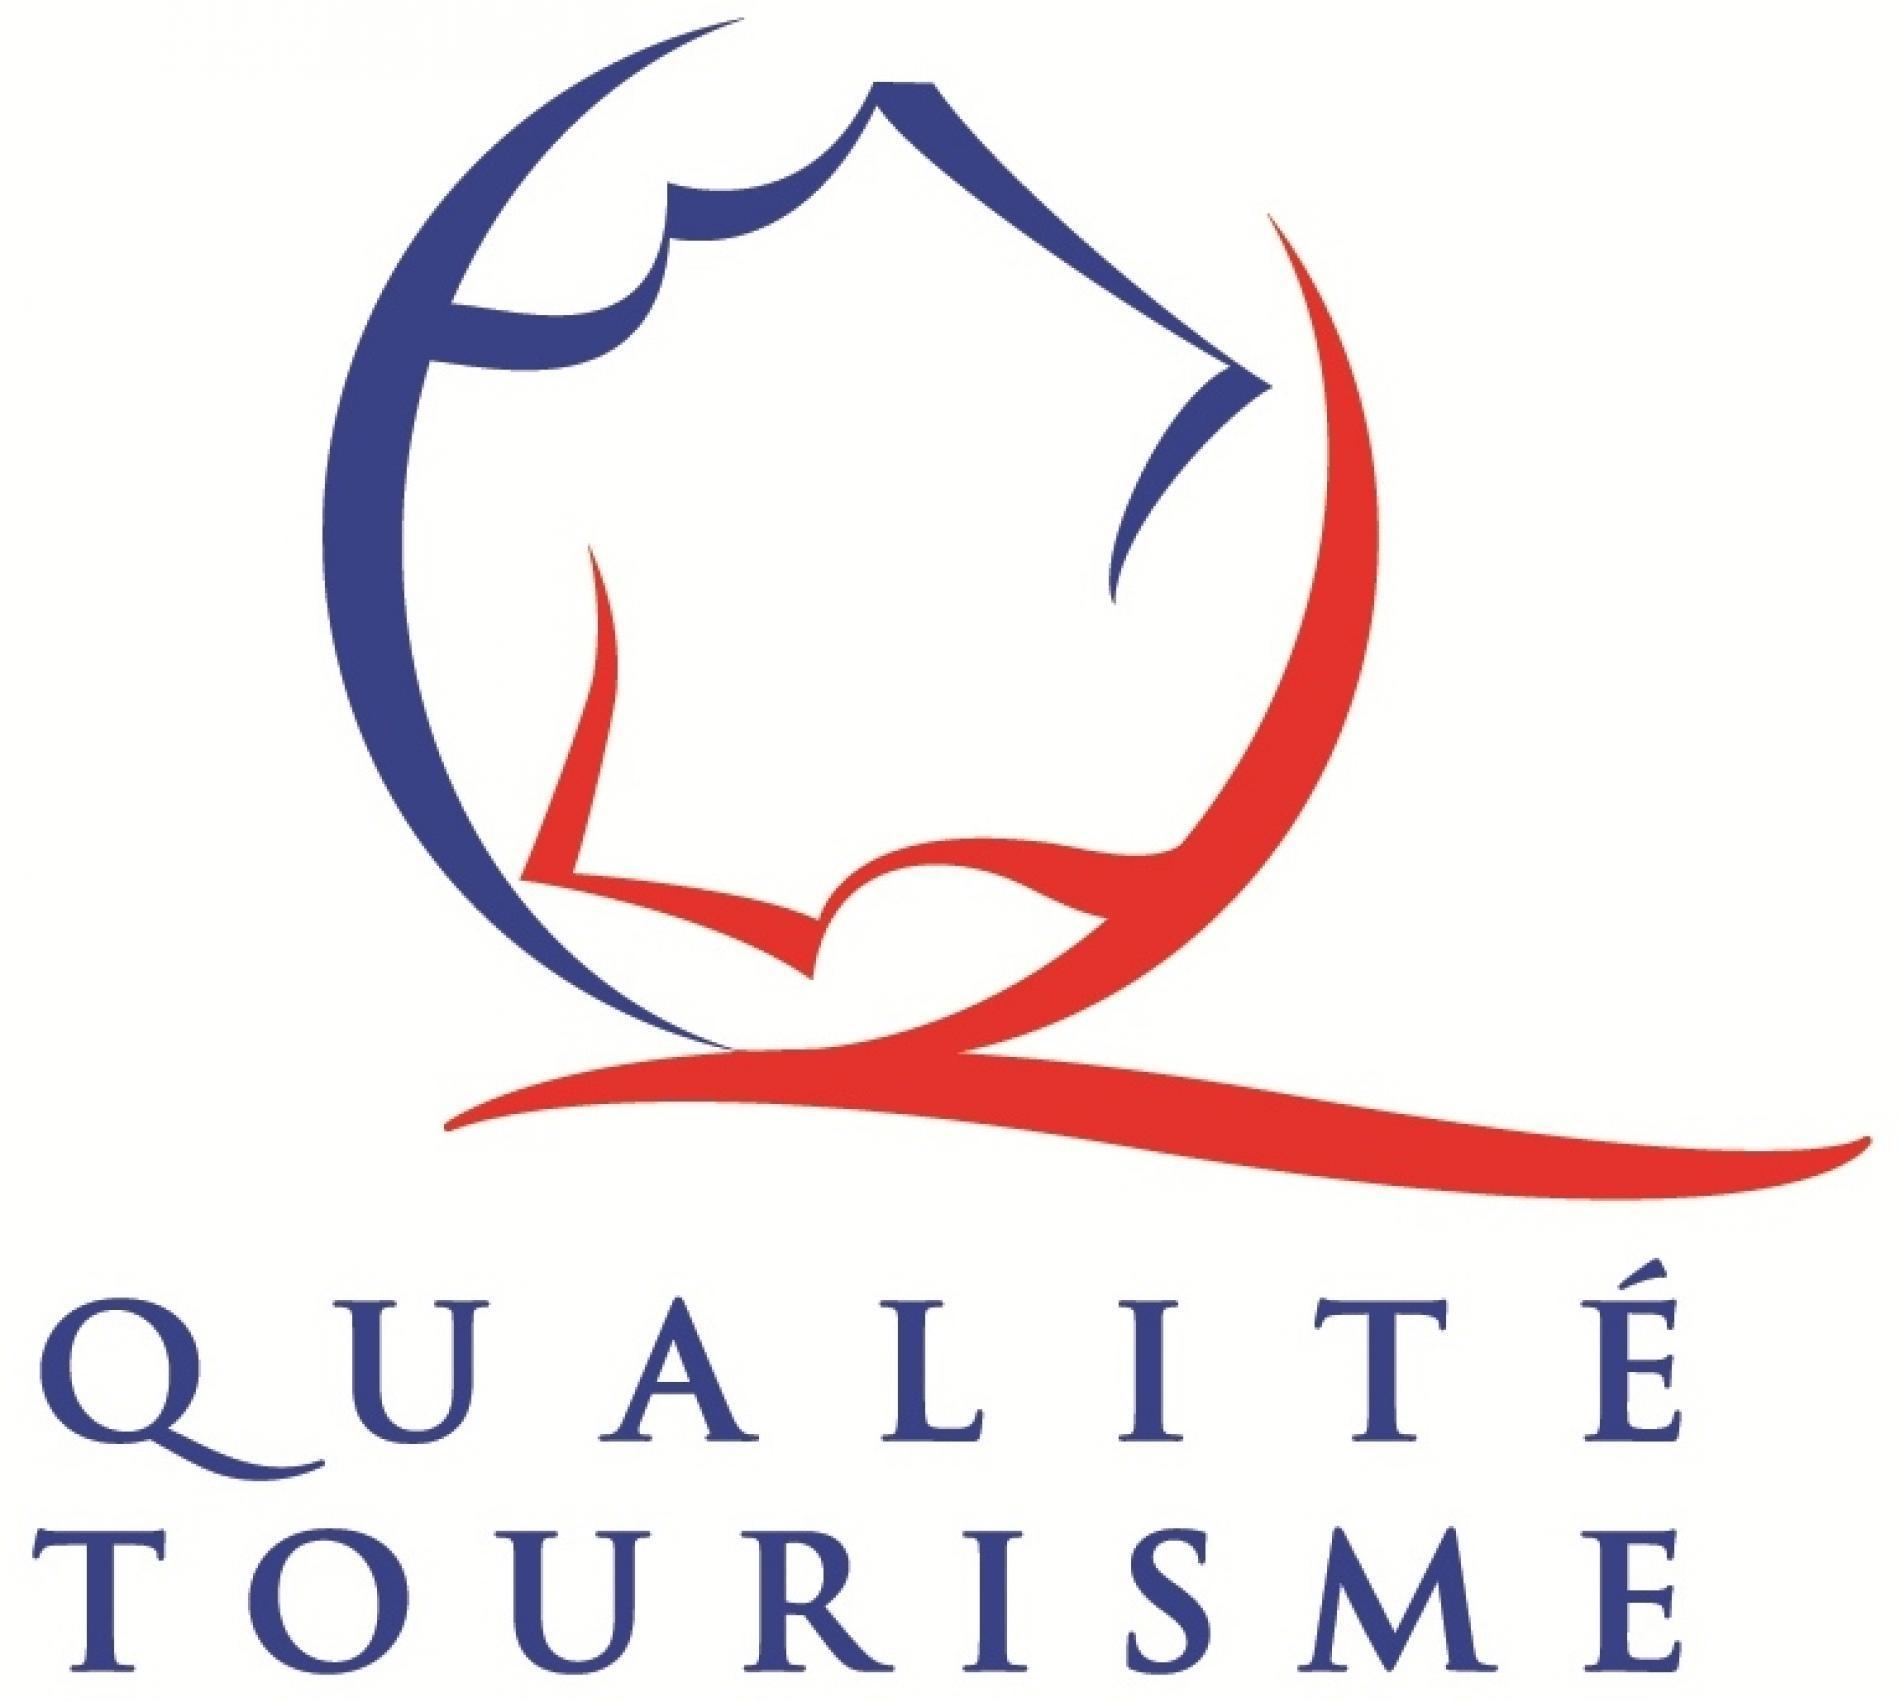 Hotel Qualité tourisme en Champagne Ardenne